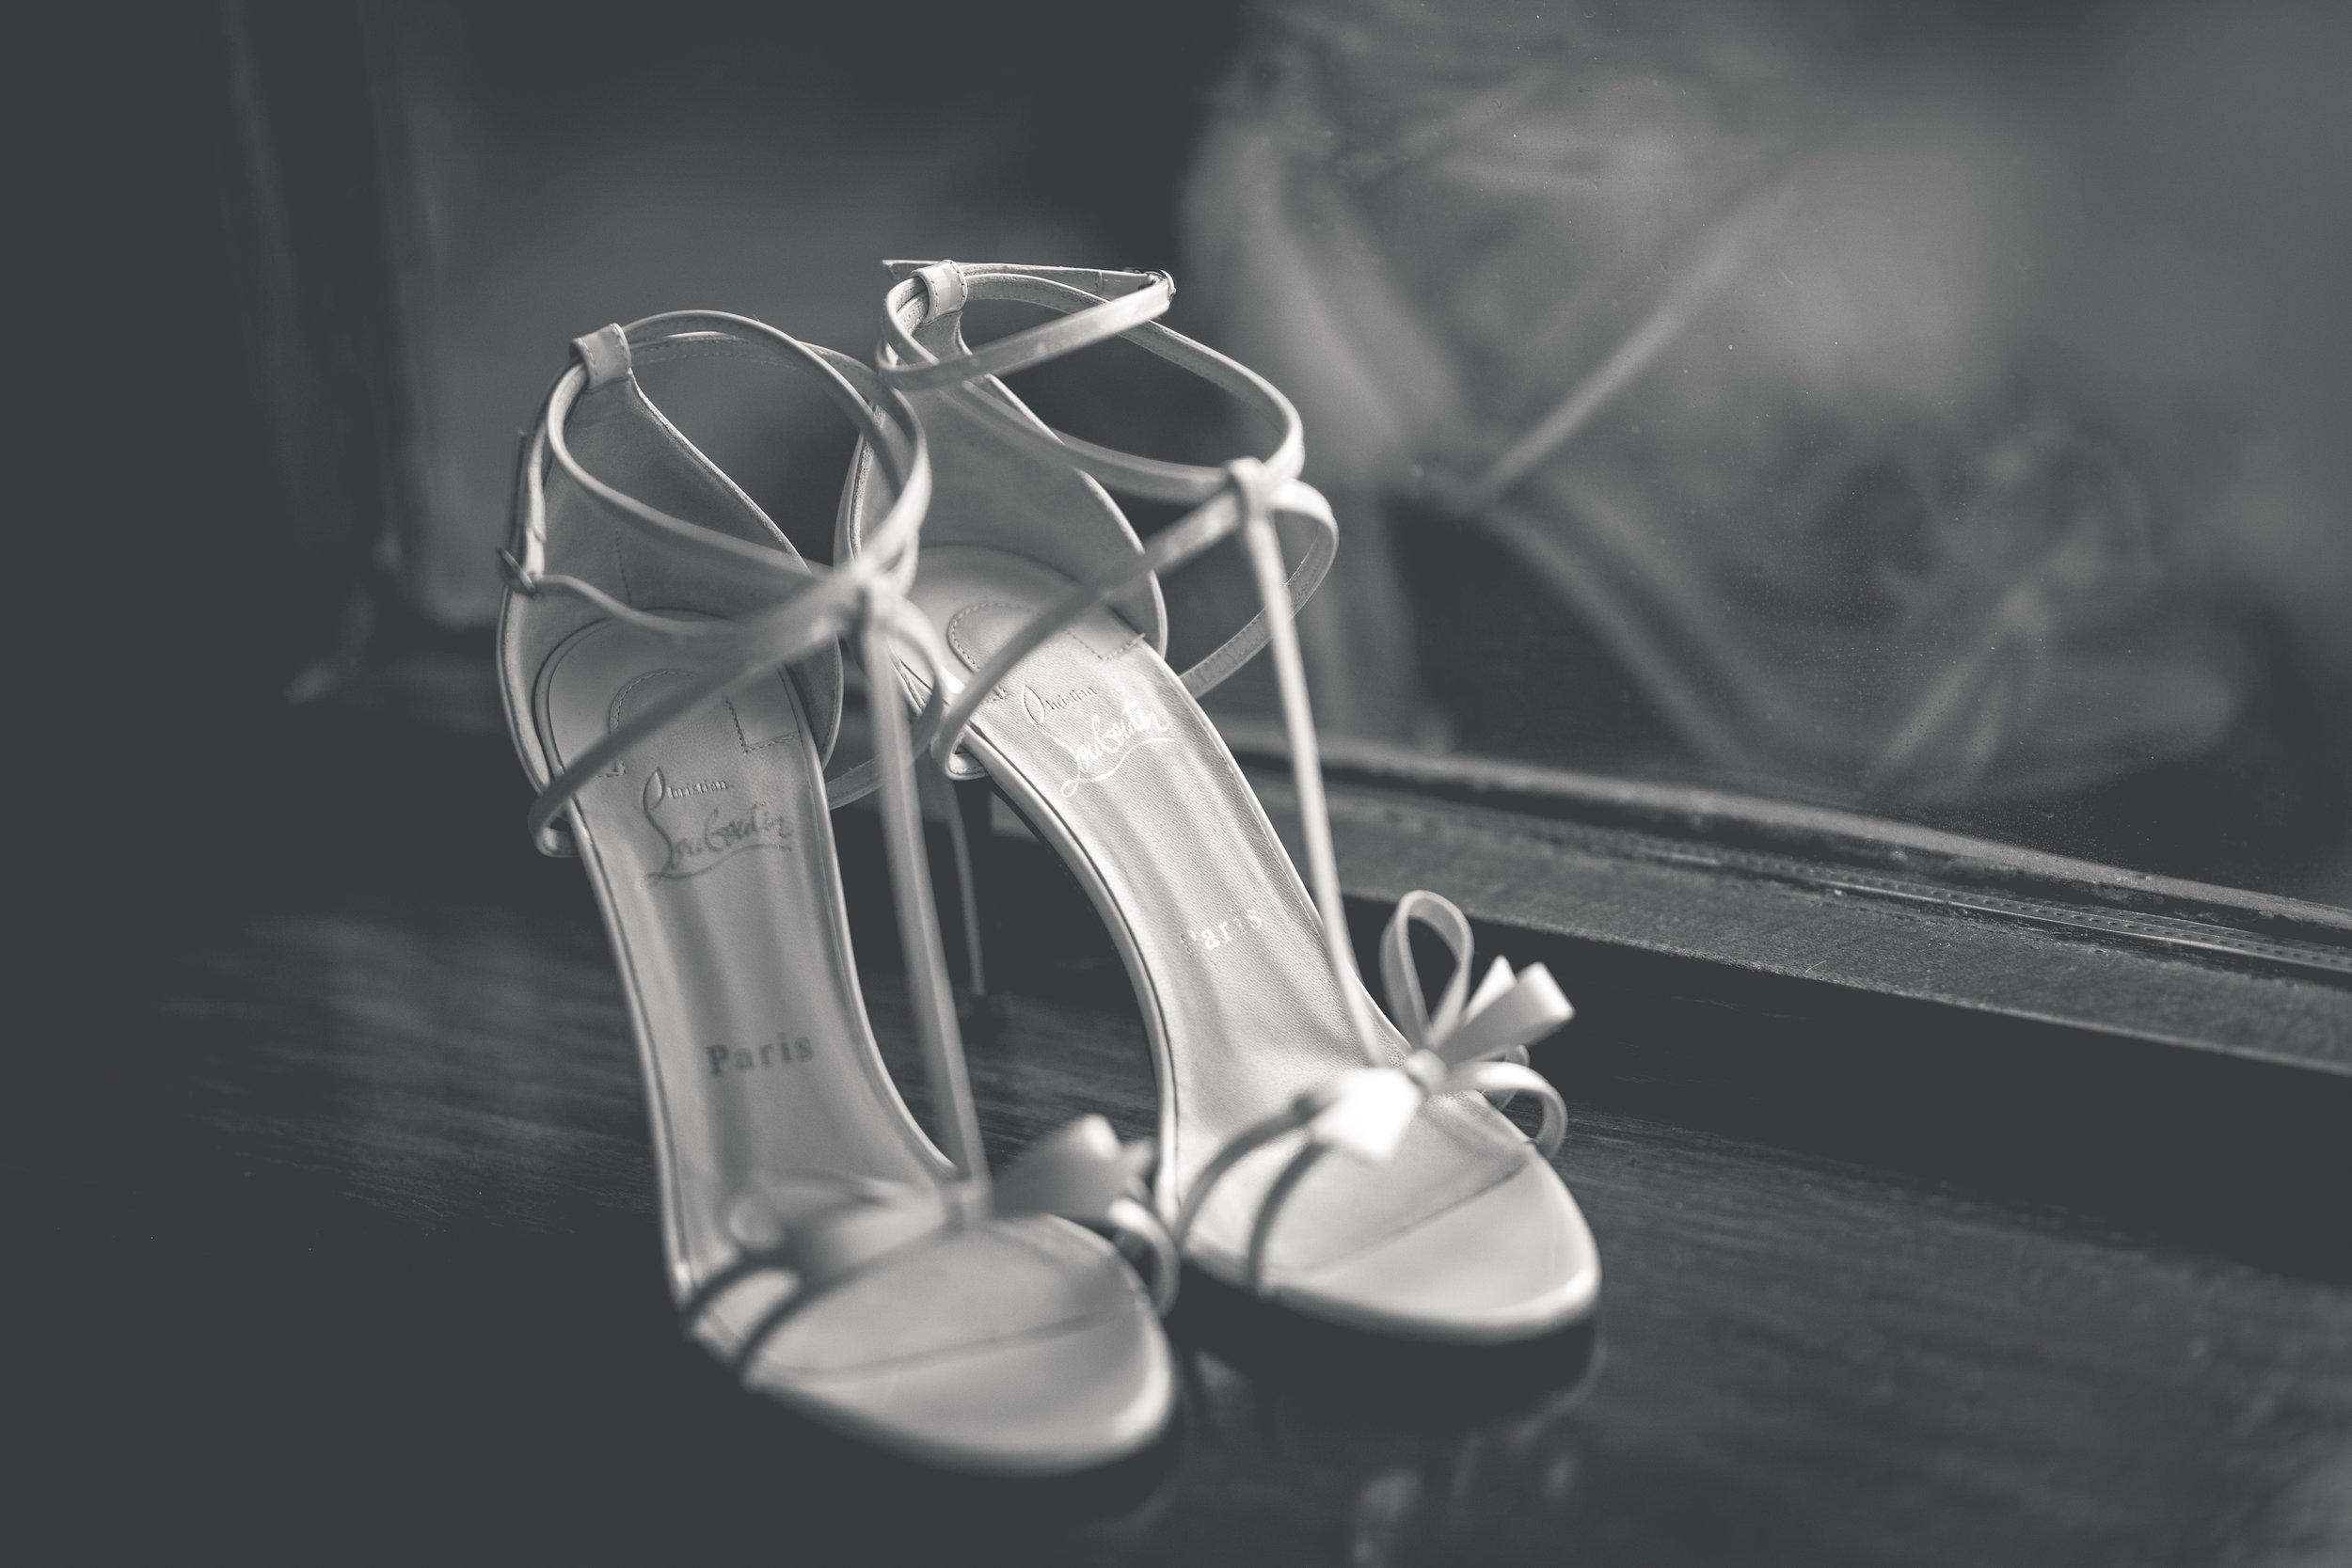 Brian McEwan Wedding Photography | Carol-Anne & Sean | Bridal Preparations-21.jpg